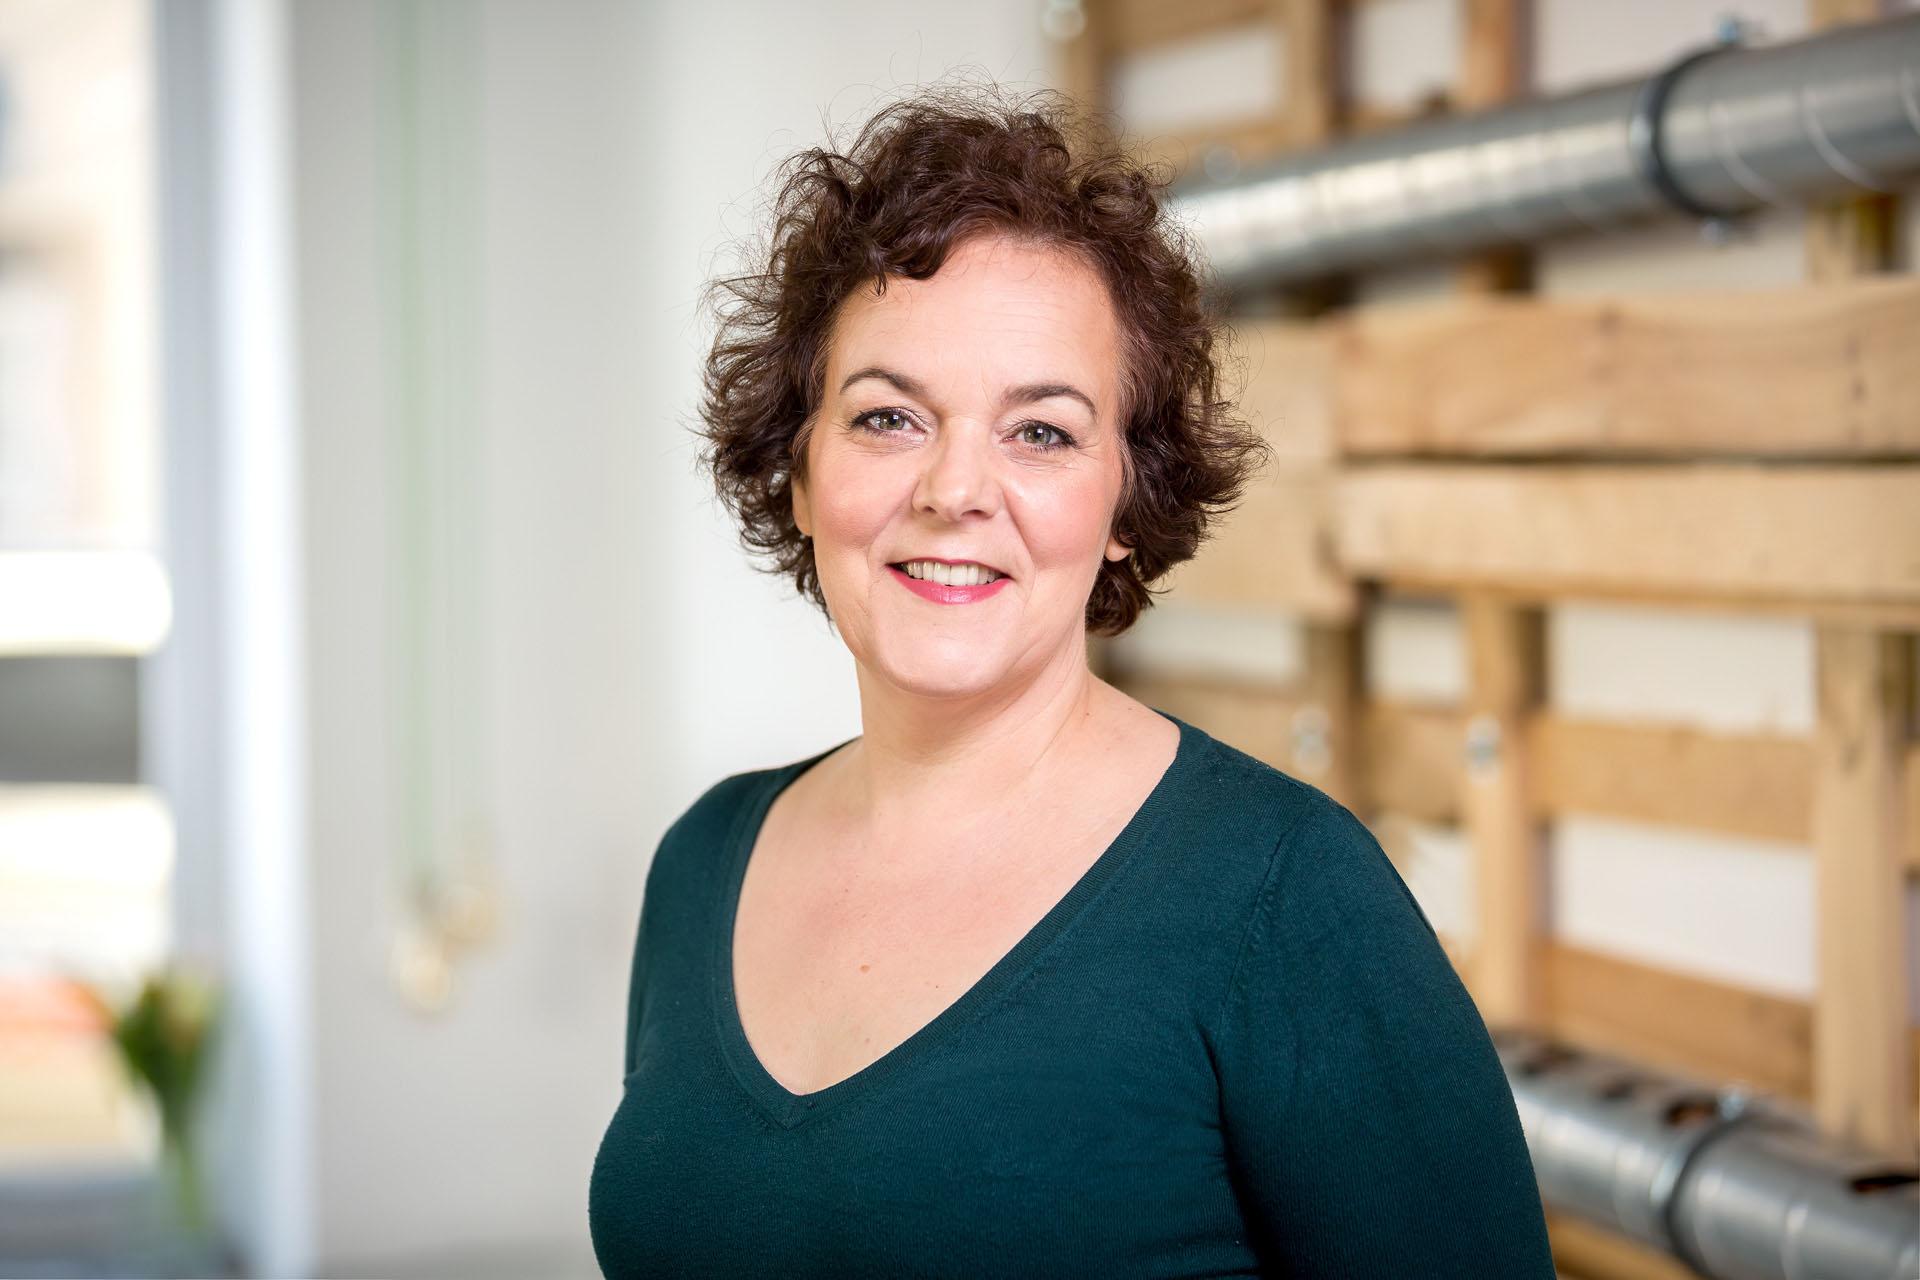 Personal Branding Fotos- Businessfrau im Coworking Space